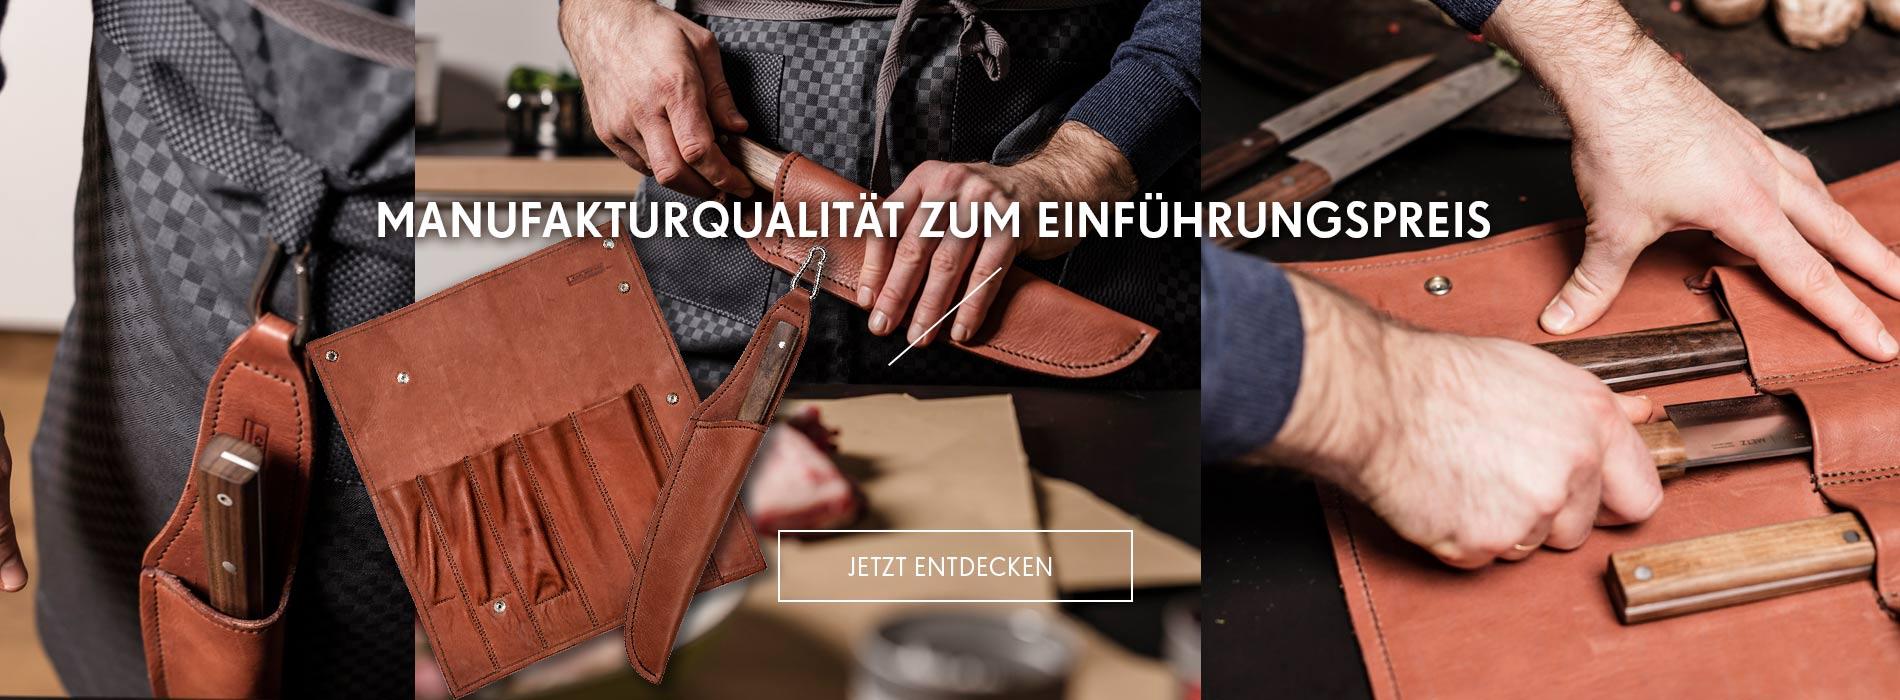 Carl Mertens Messertasche und Messertasche im Angebot!